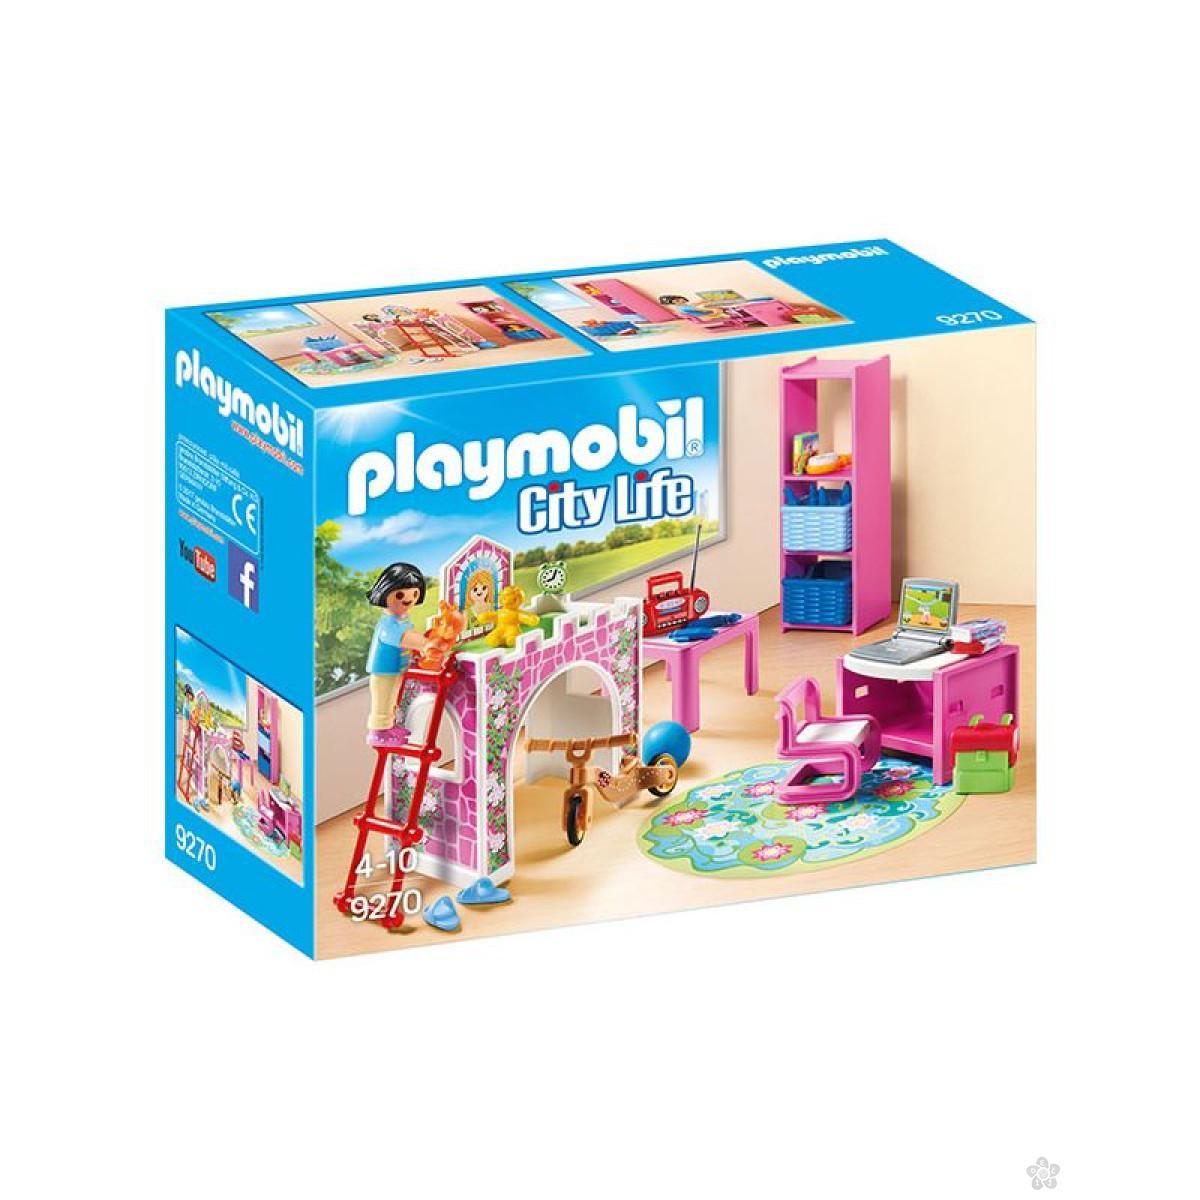 Dečija soba Playmobil, 9270